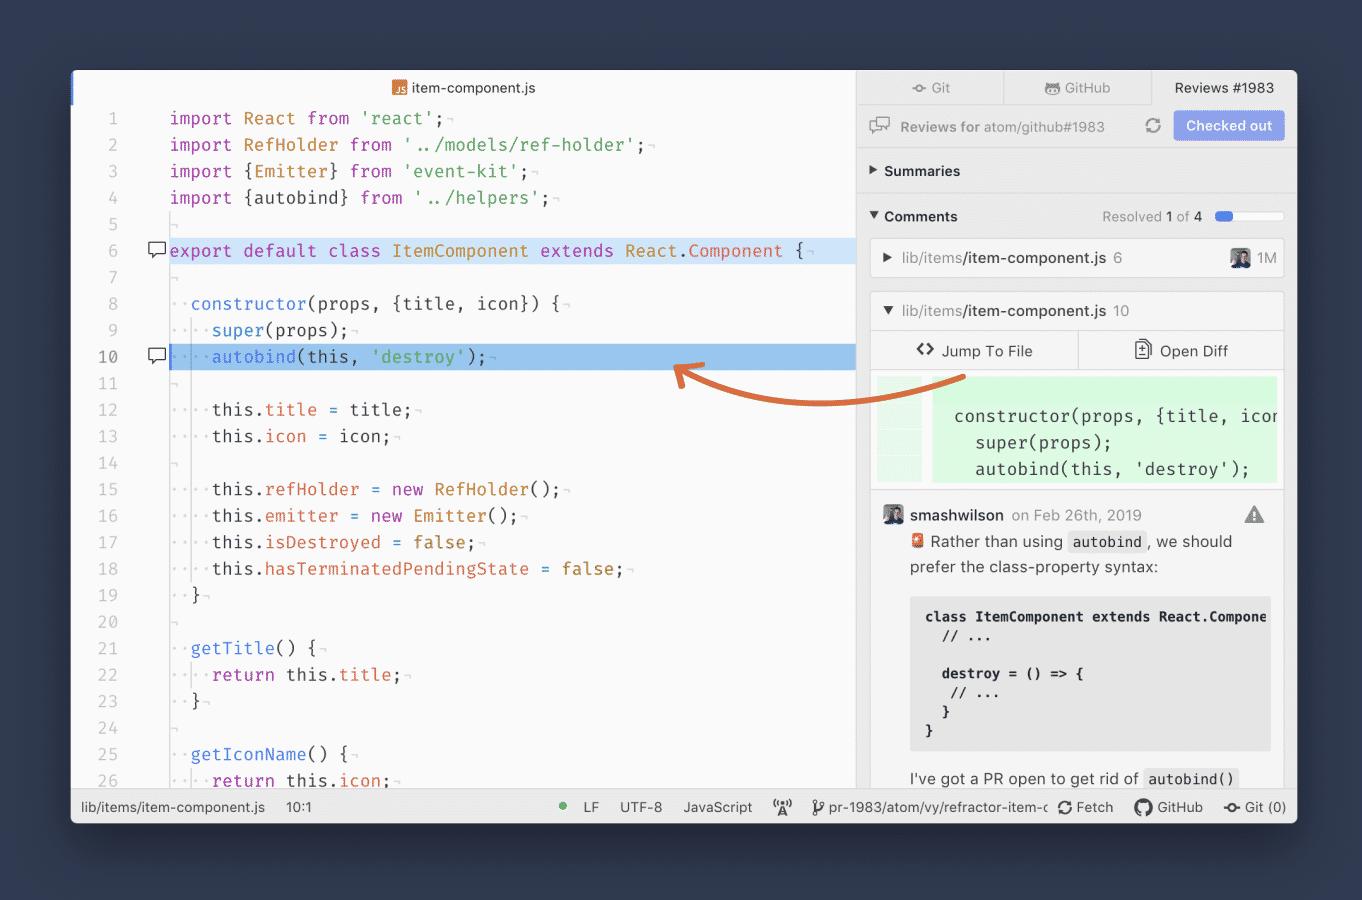 Das separate Kommentarfenster ist Bestandteil der Beta von Atom 1.37.